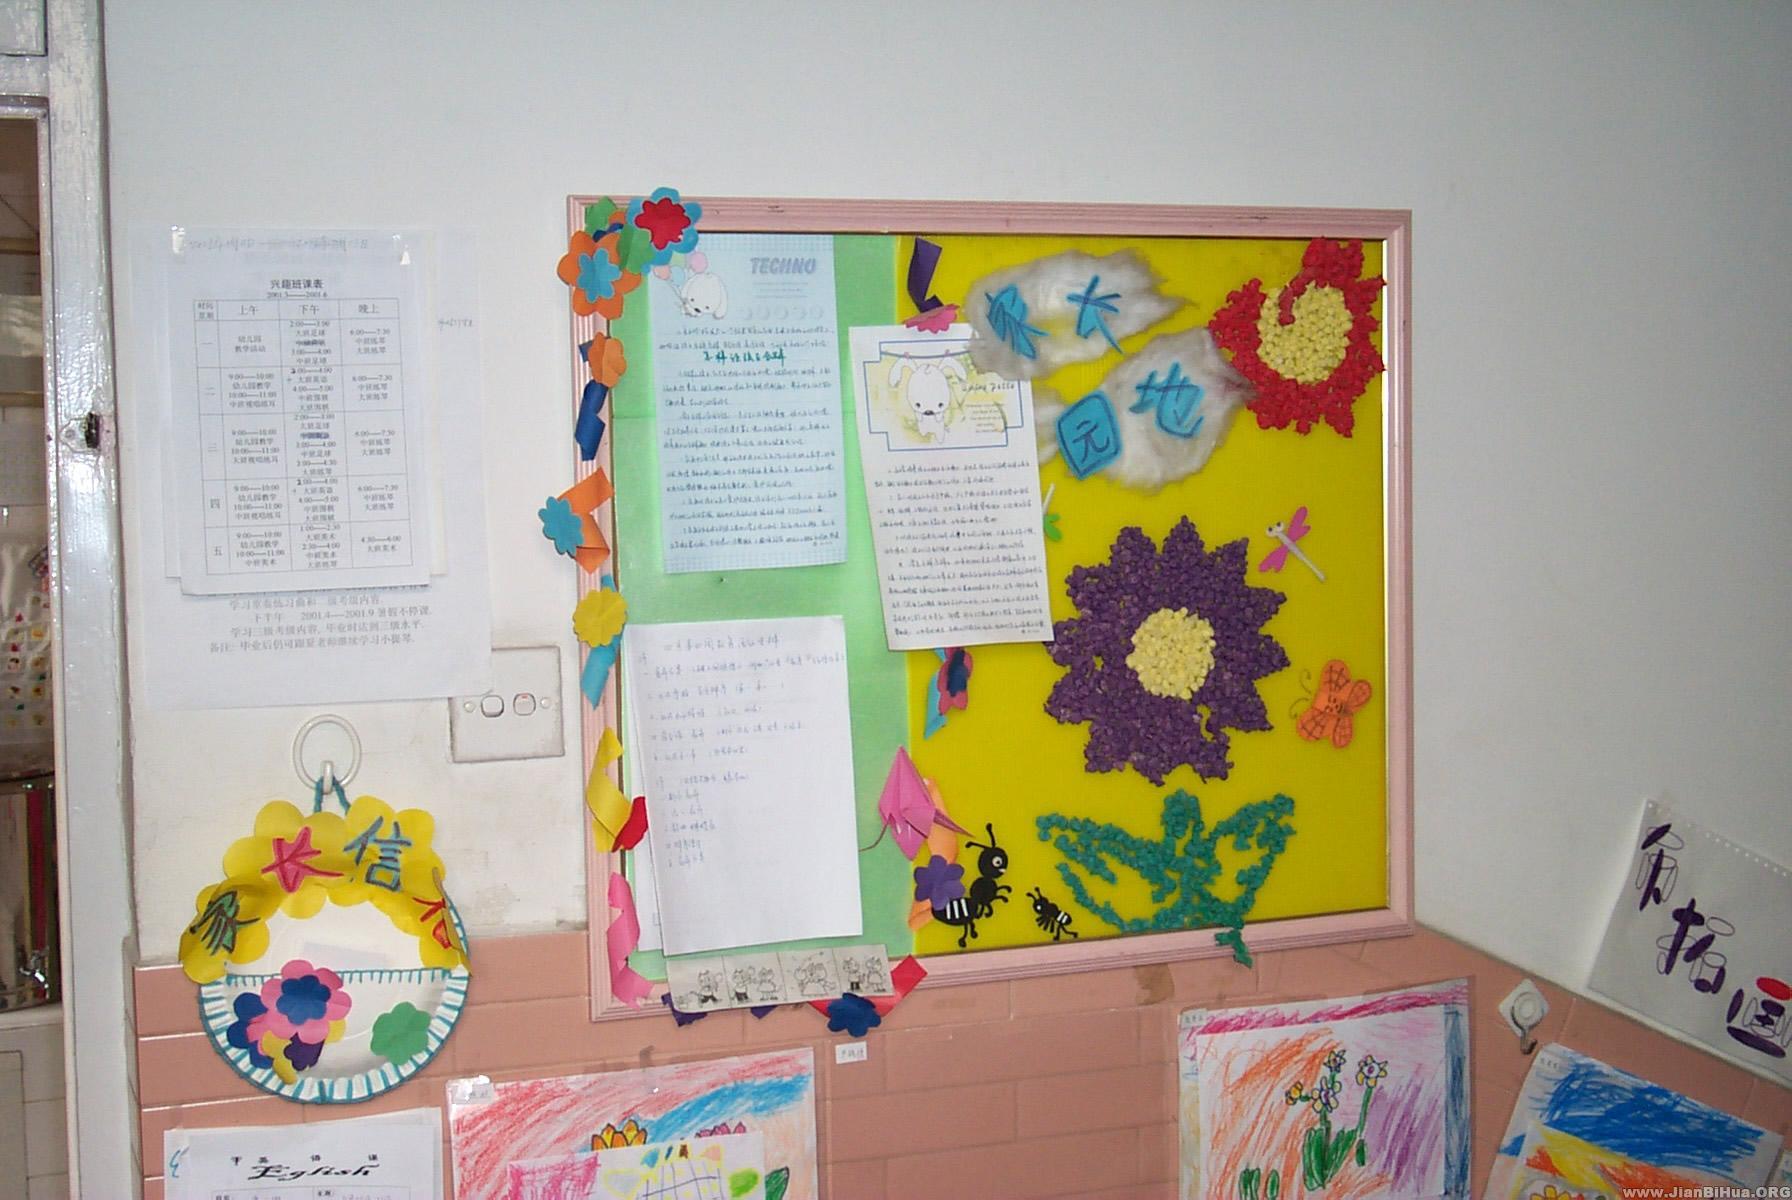 幼儿园中班家园联系栏:家长信箱